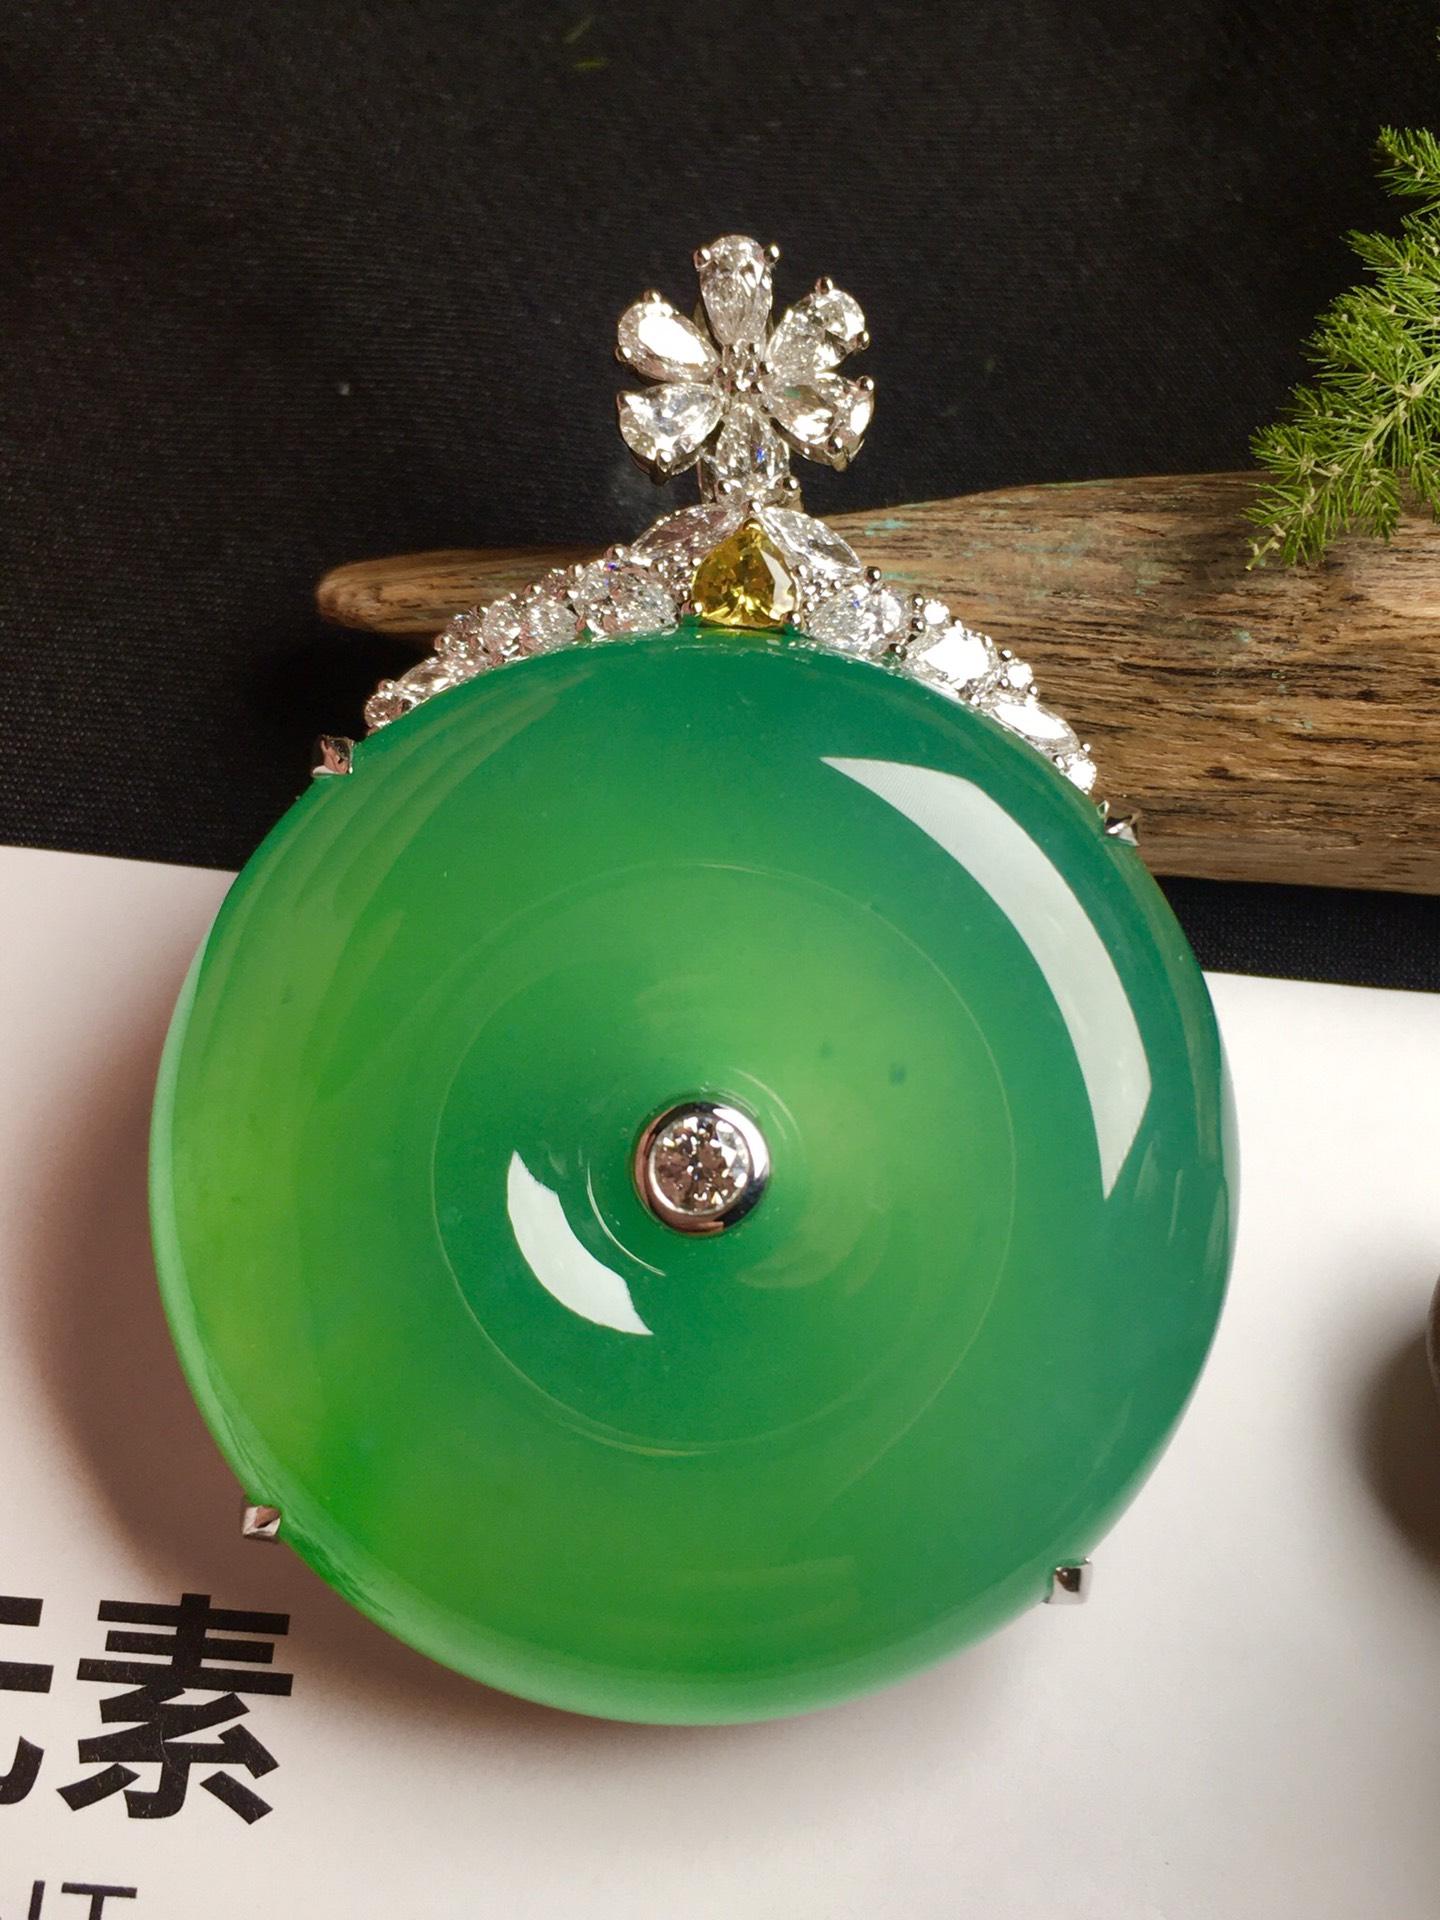 价:【平安扣,冰正阳绿】通透,润水细腻,完美,18k金华奢钻镶石嵌☕第2张